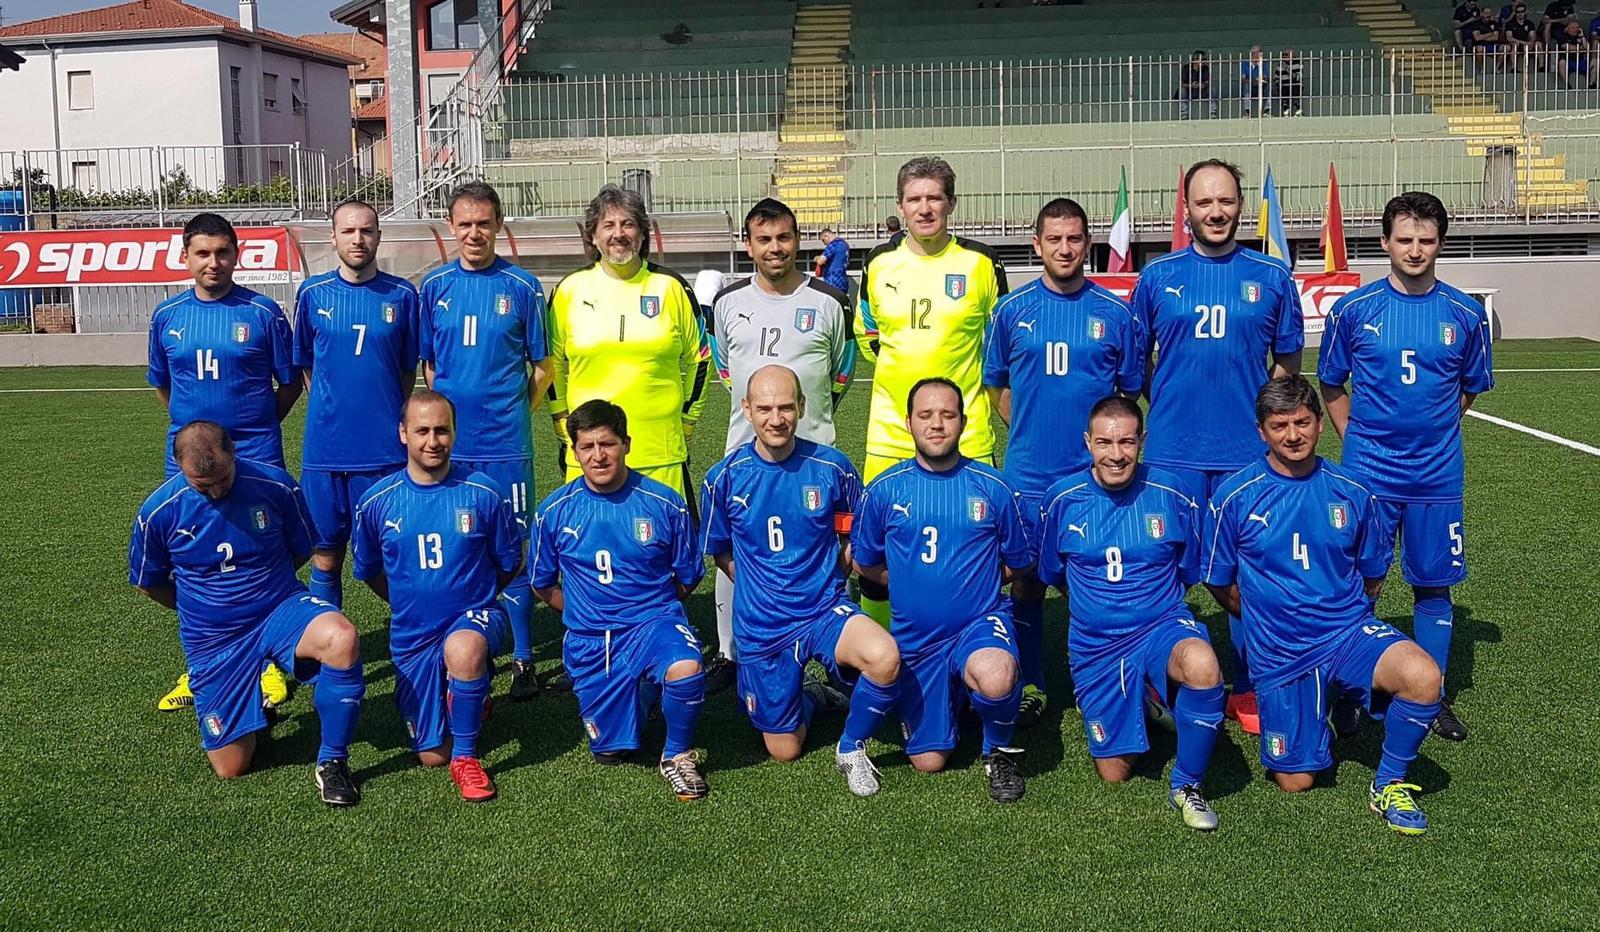 selecao-don-walter-onano-2020-squadra